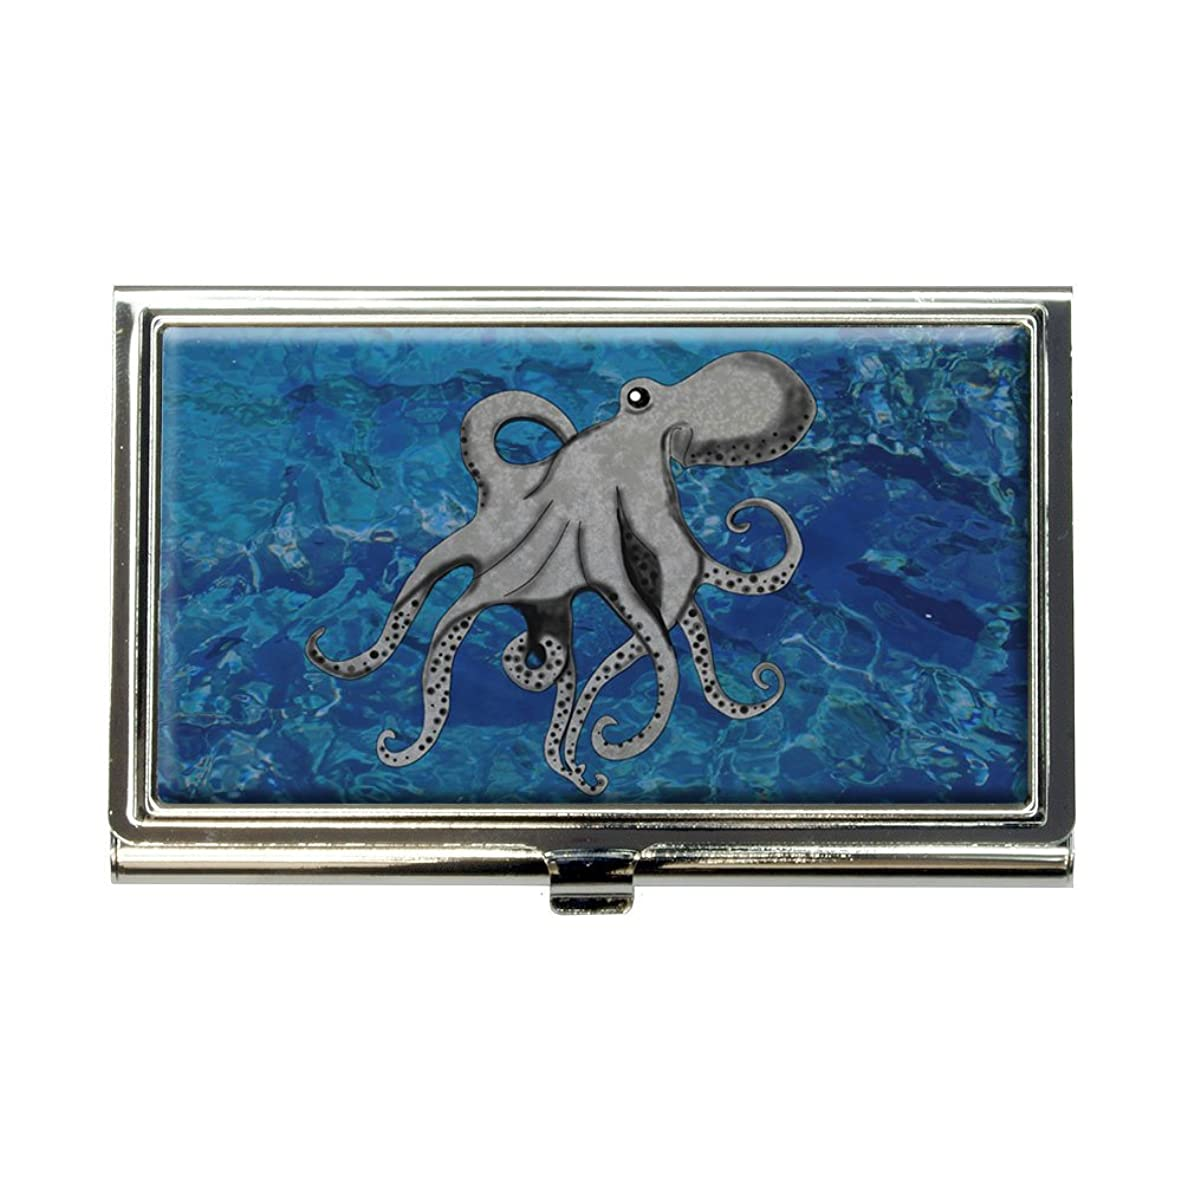 フォアマン買い手松明Octopusビジネスクレジットカードホルダーケース